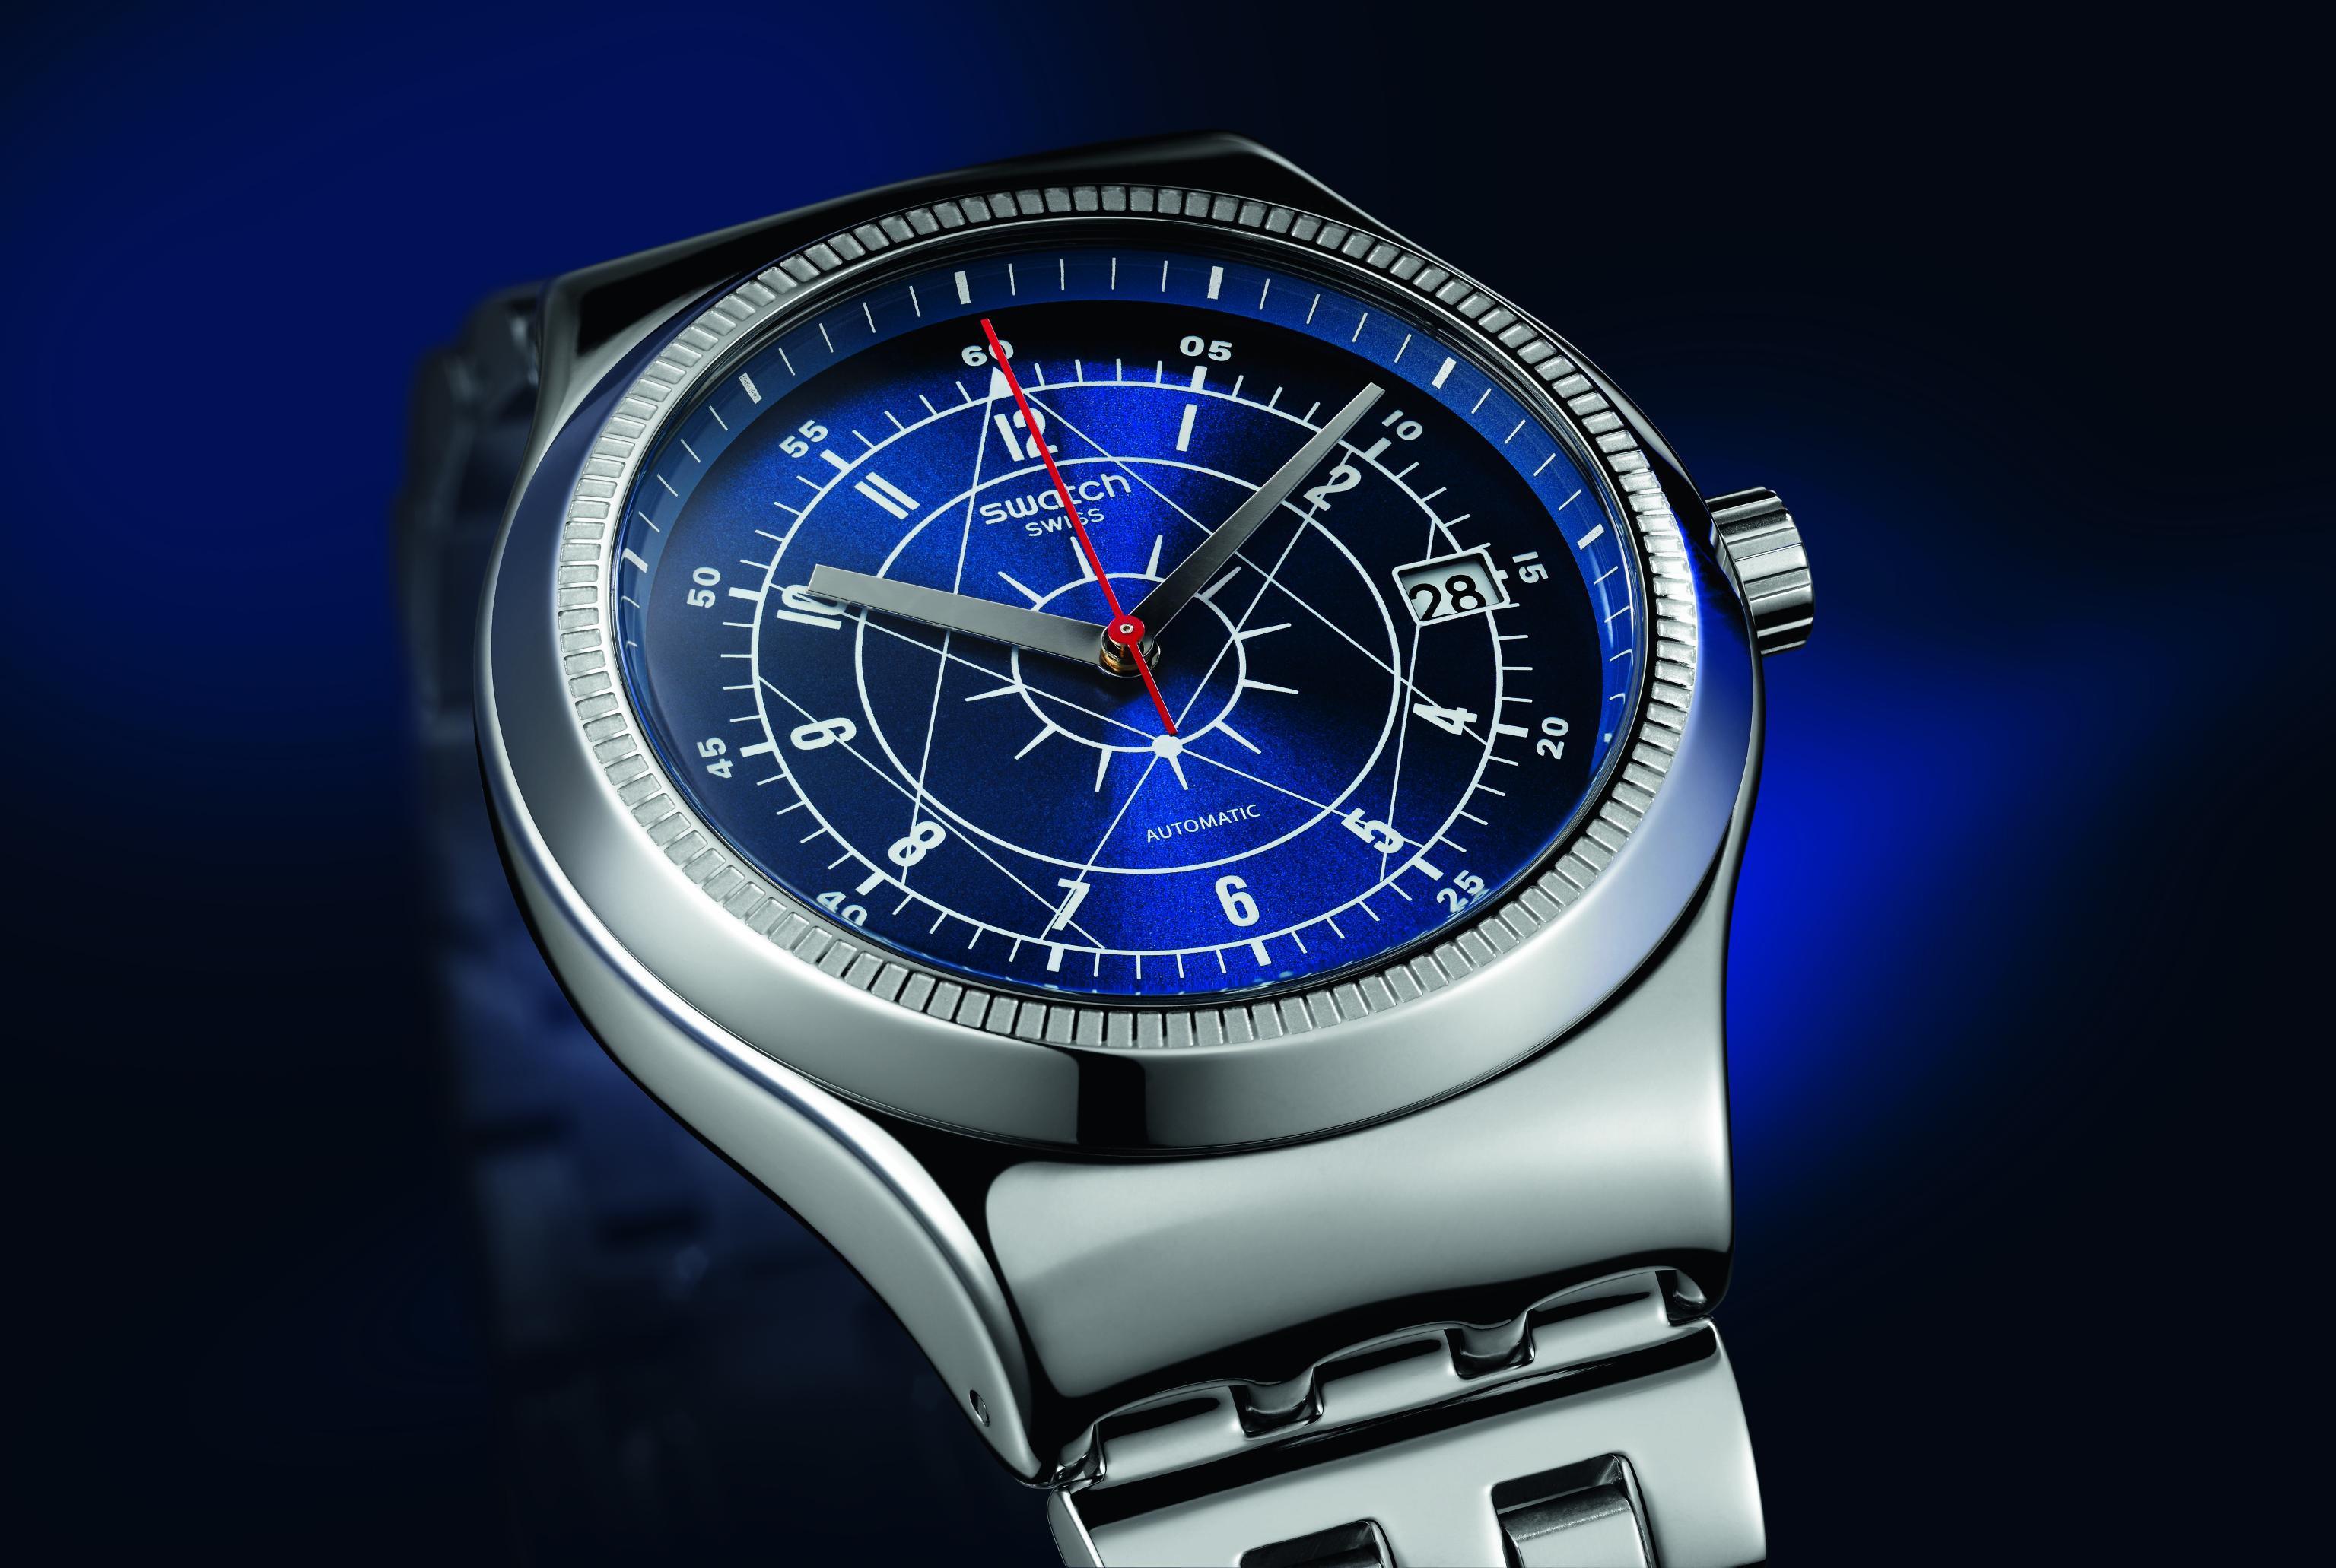 Часовник SISTEM BOREAL-прецизен швейцарски автоматик за ценителите на класически дизайн, съчетан със съвременния Swatch стил. 390 лв. swatch.bg